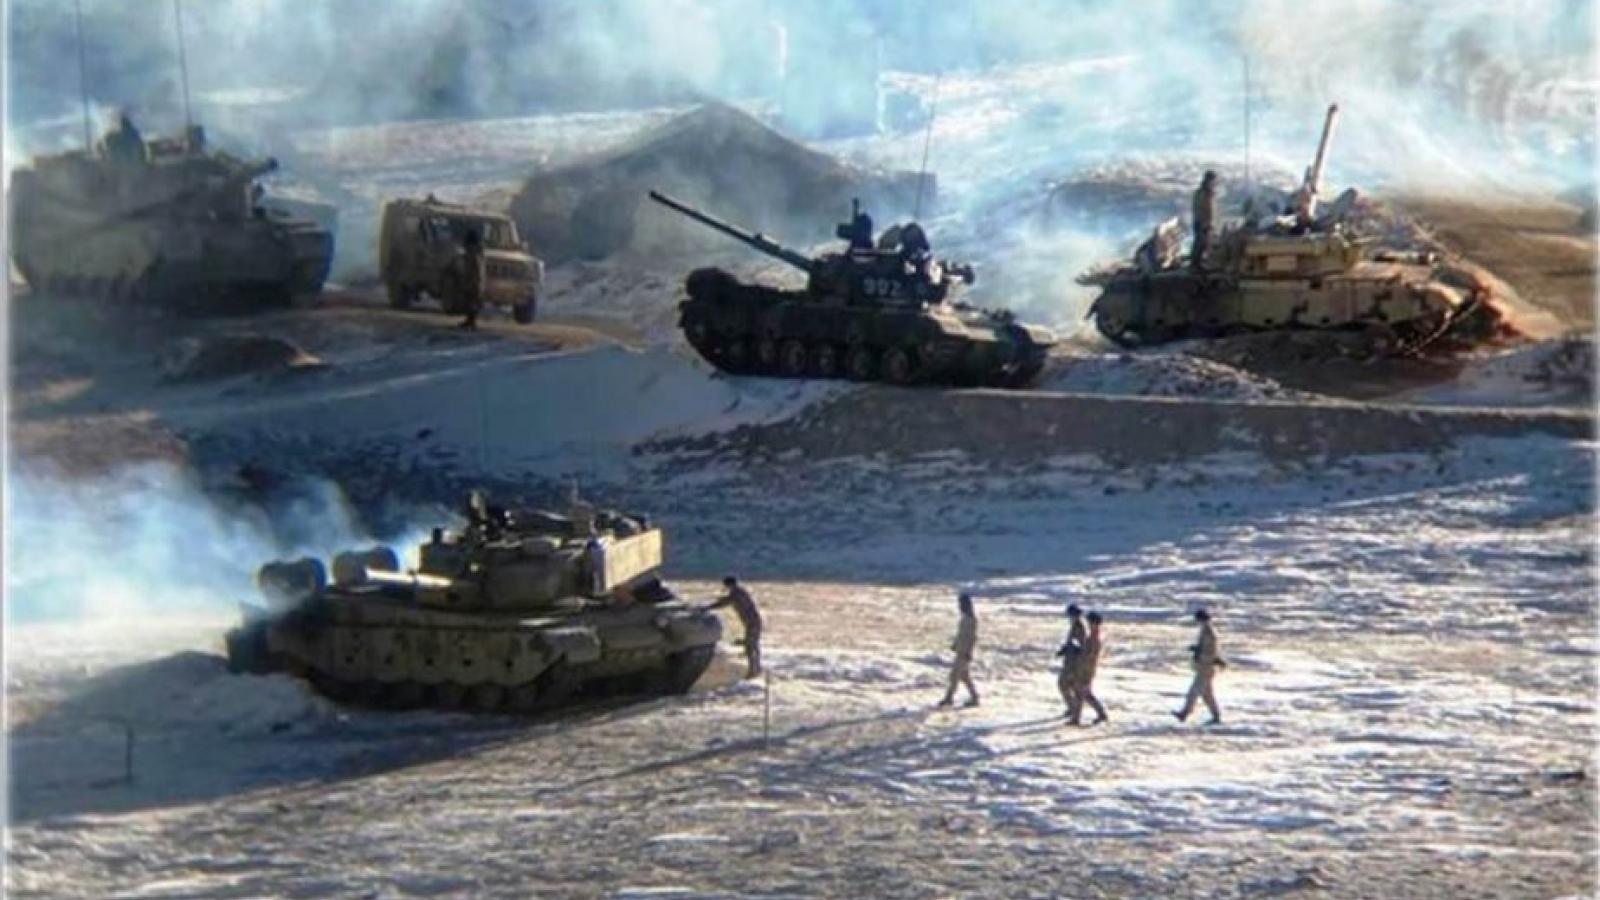 Hình ảnh Trung Quốc rút binh sĩ và xe tăng khỏi vùng tranh chấp nóng với Ấn Độ